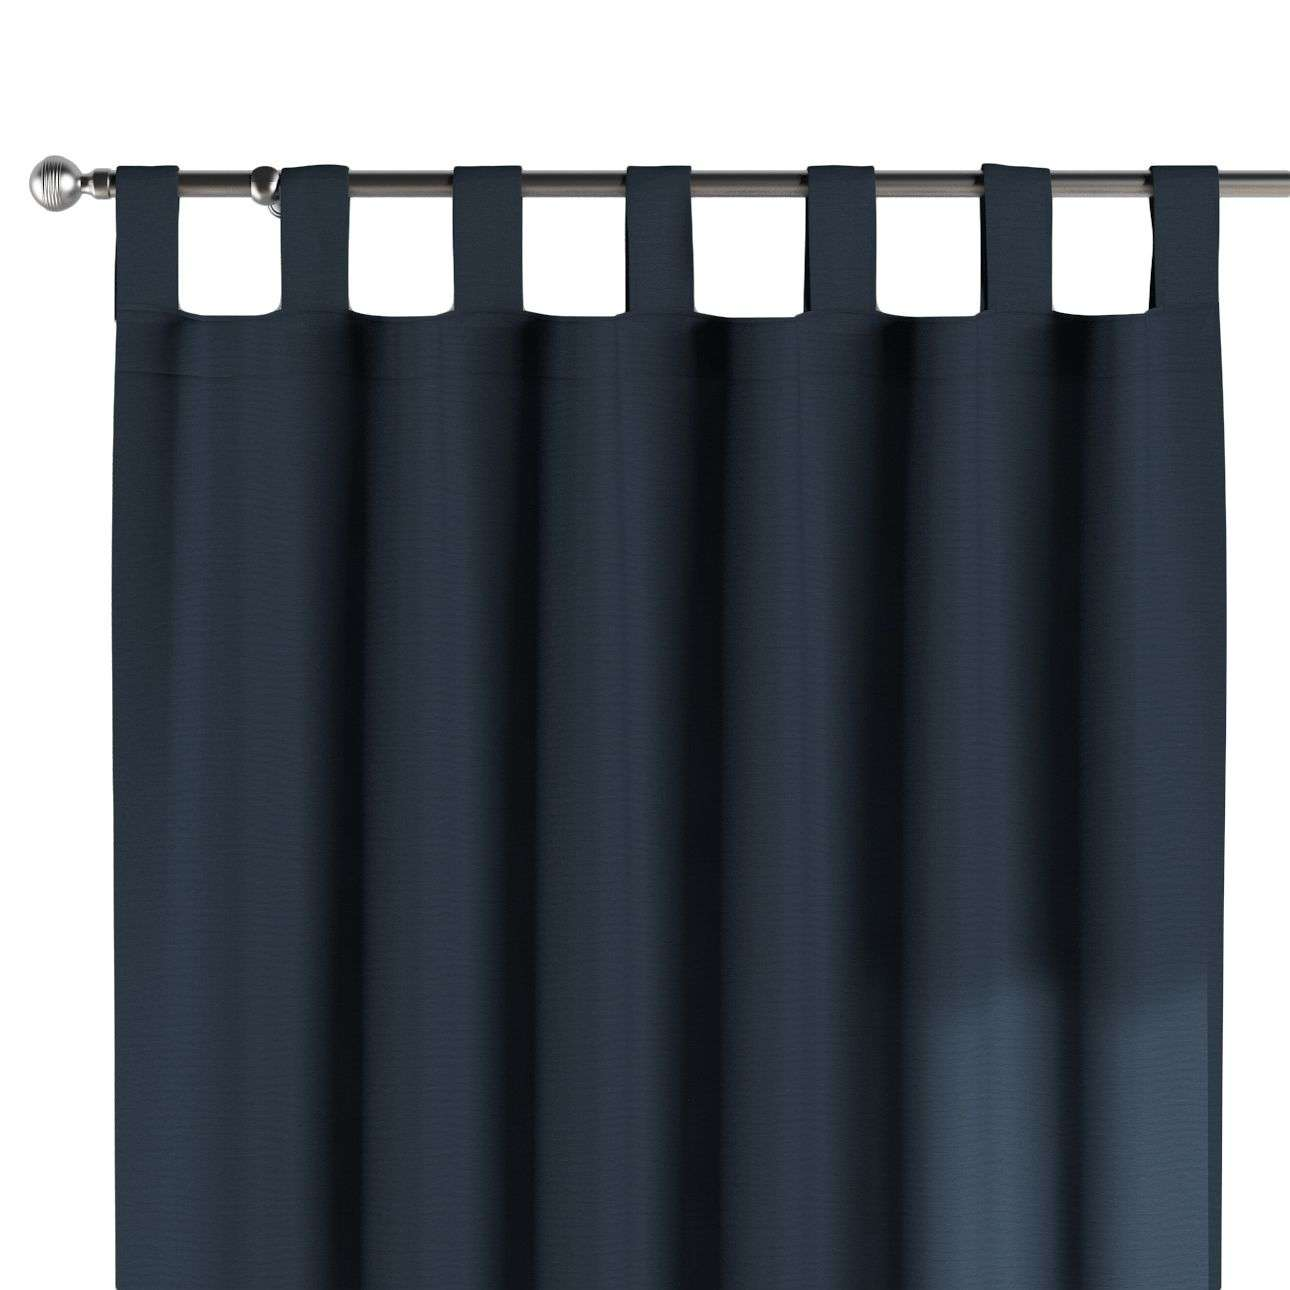 Kilpinio klostavimo užuolaidos 130 x 260 cm (plotis x ilgis) kolekcijoje Quadro, audinys: 136-04